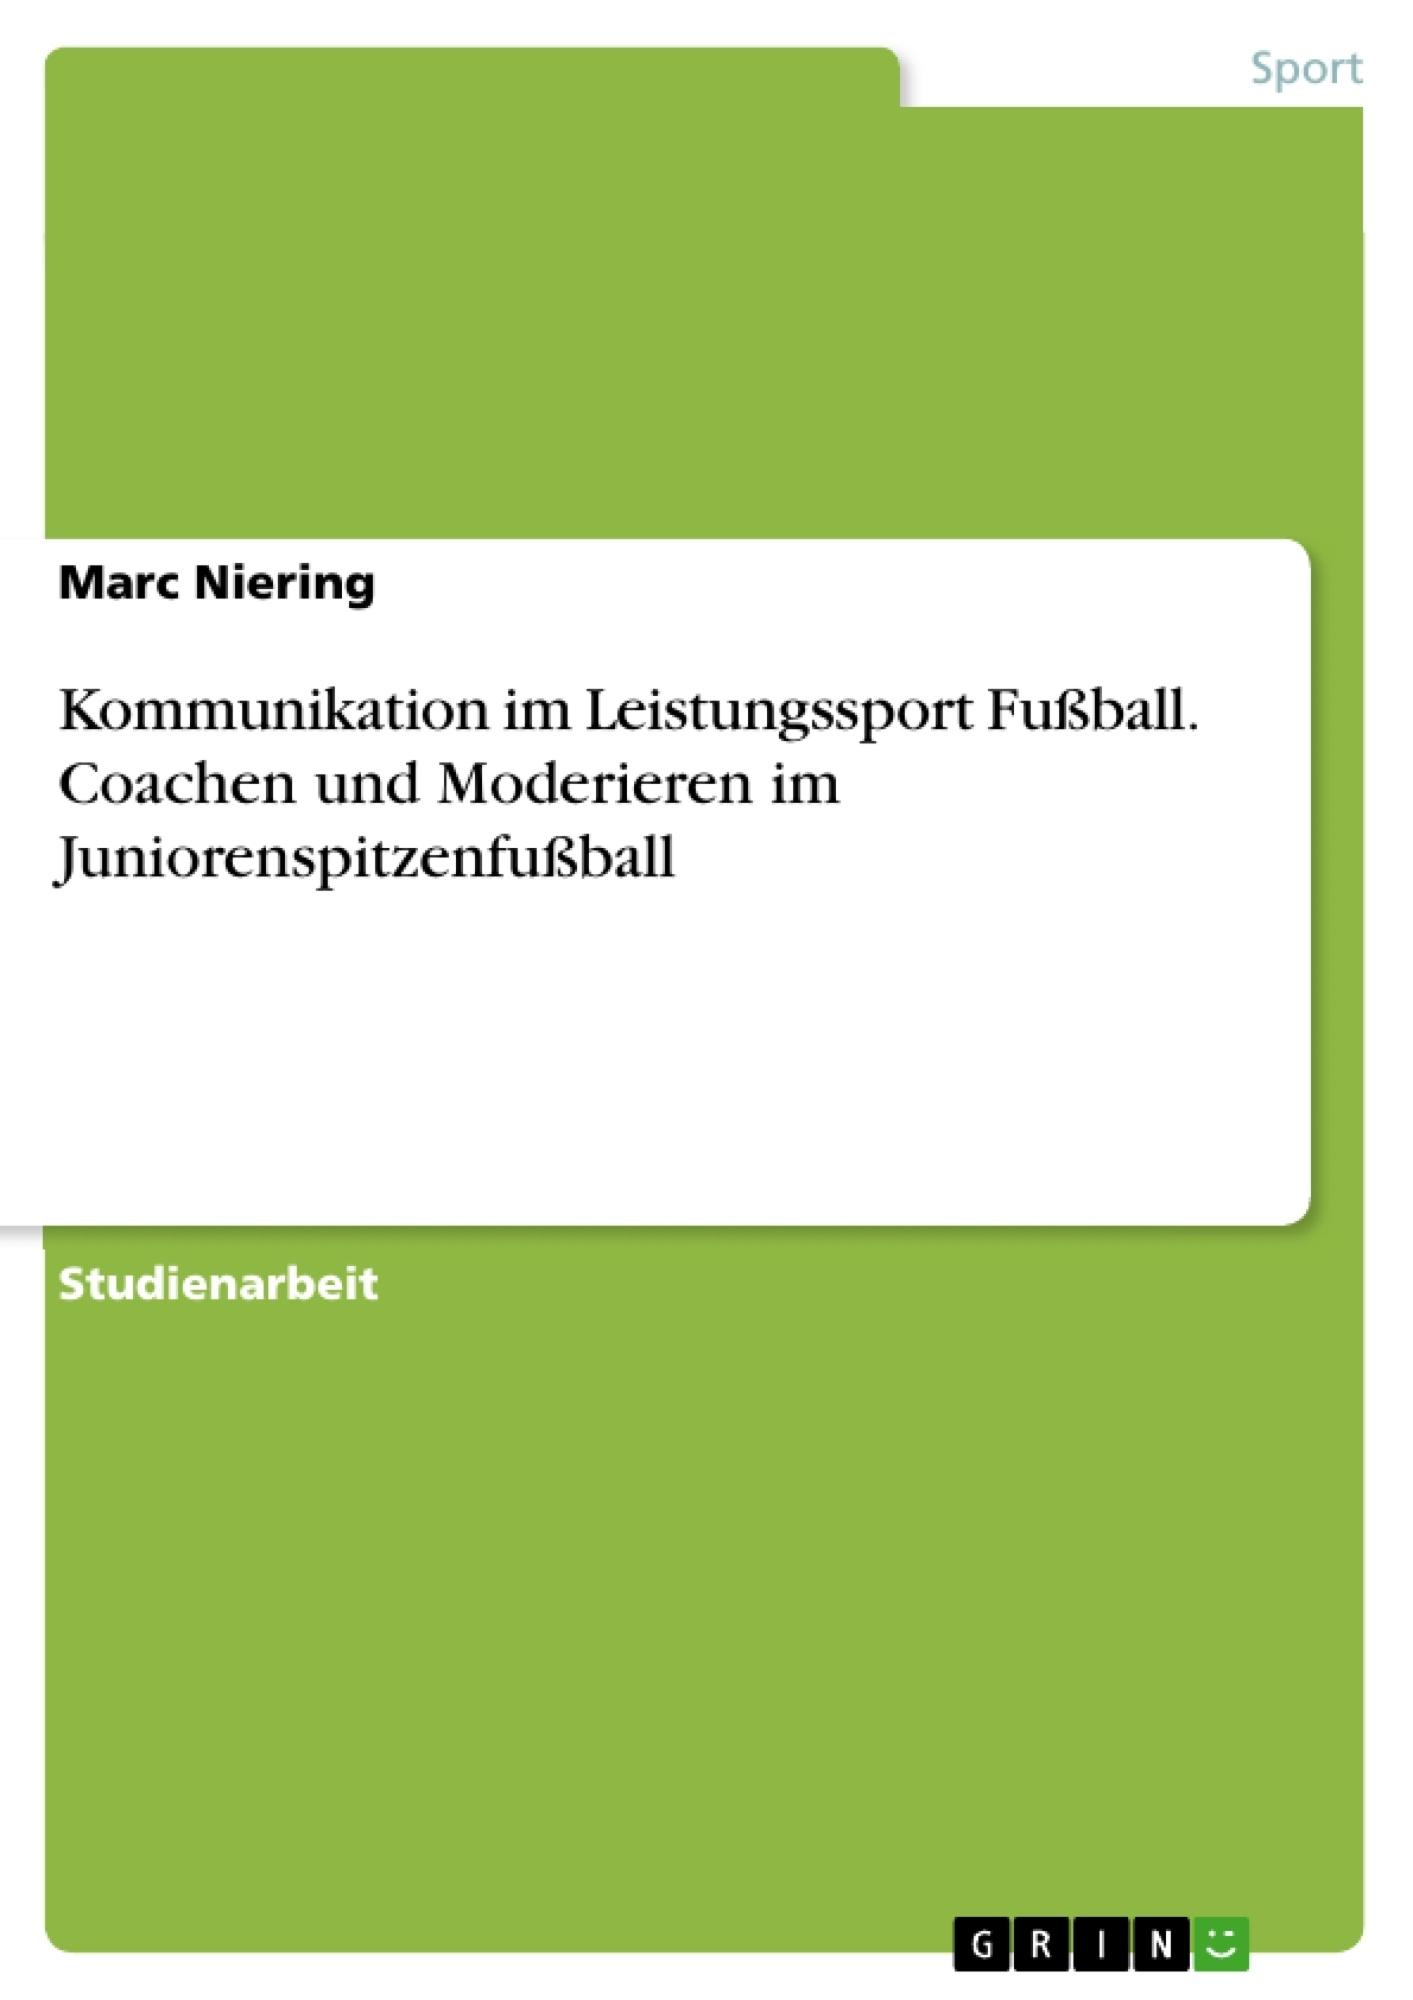 Titel: Kommunikation im Leistungssport Fußball. Coachen und Moderieren im Juniorenspitzenfußball